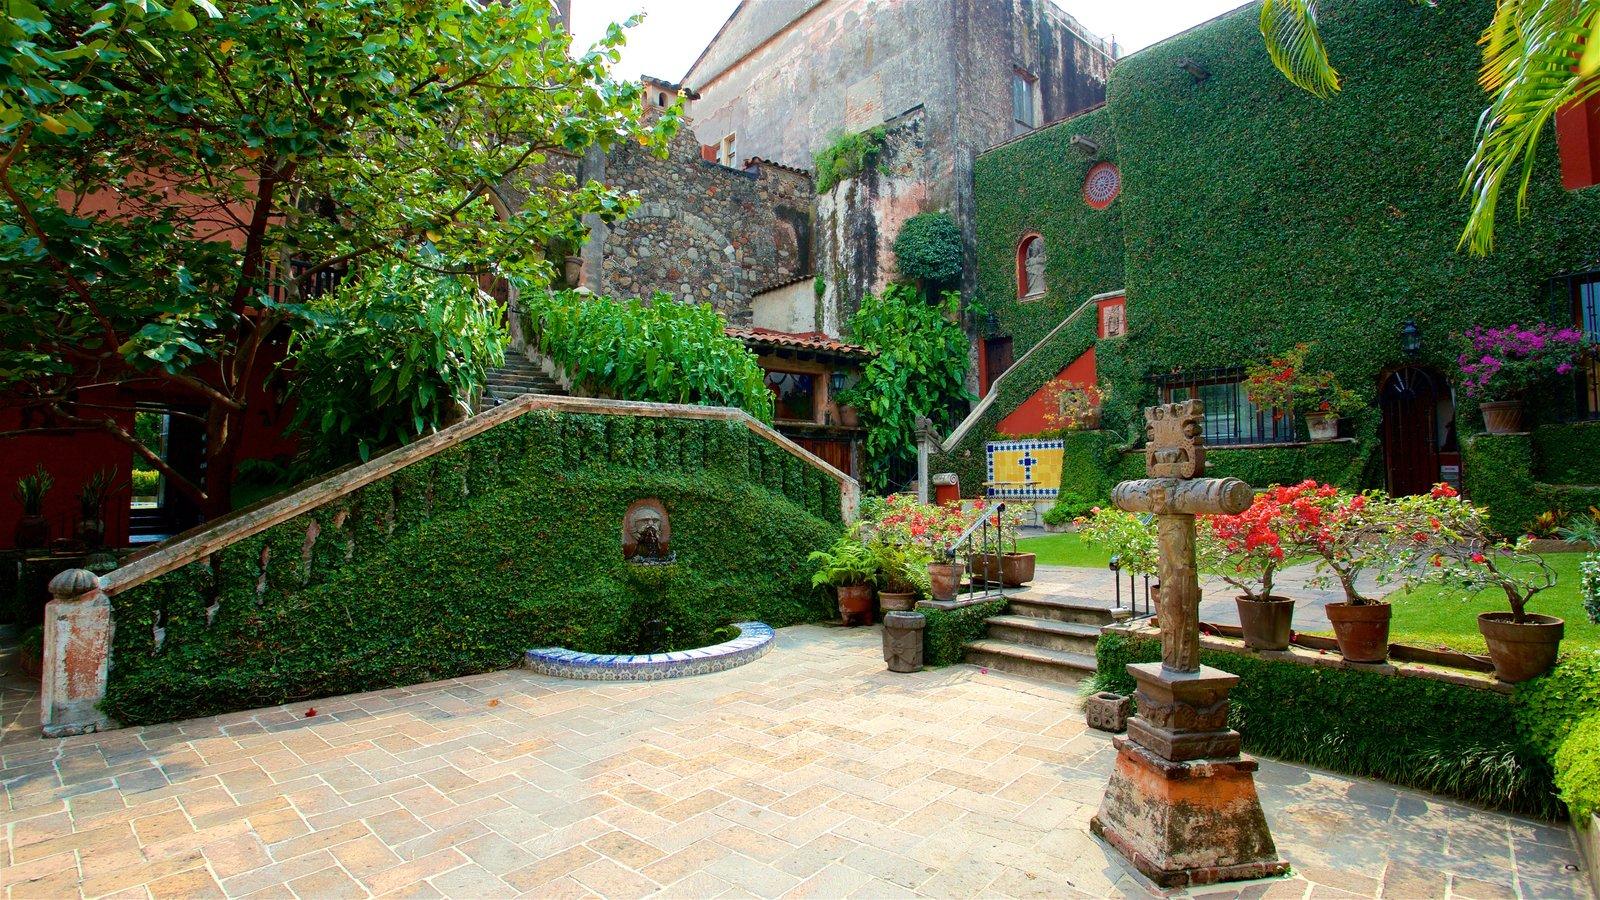 Qué-visitar-en-Cuernavaca-Morelos-Robert